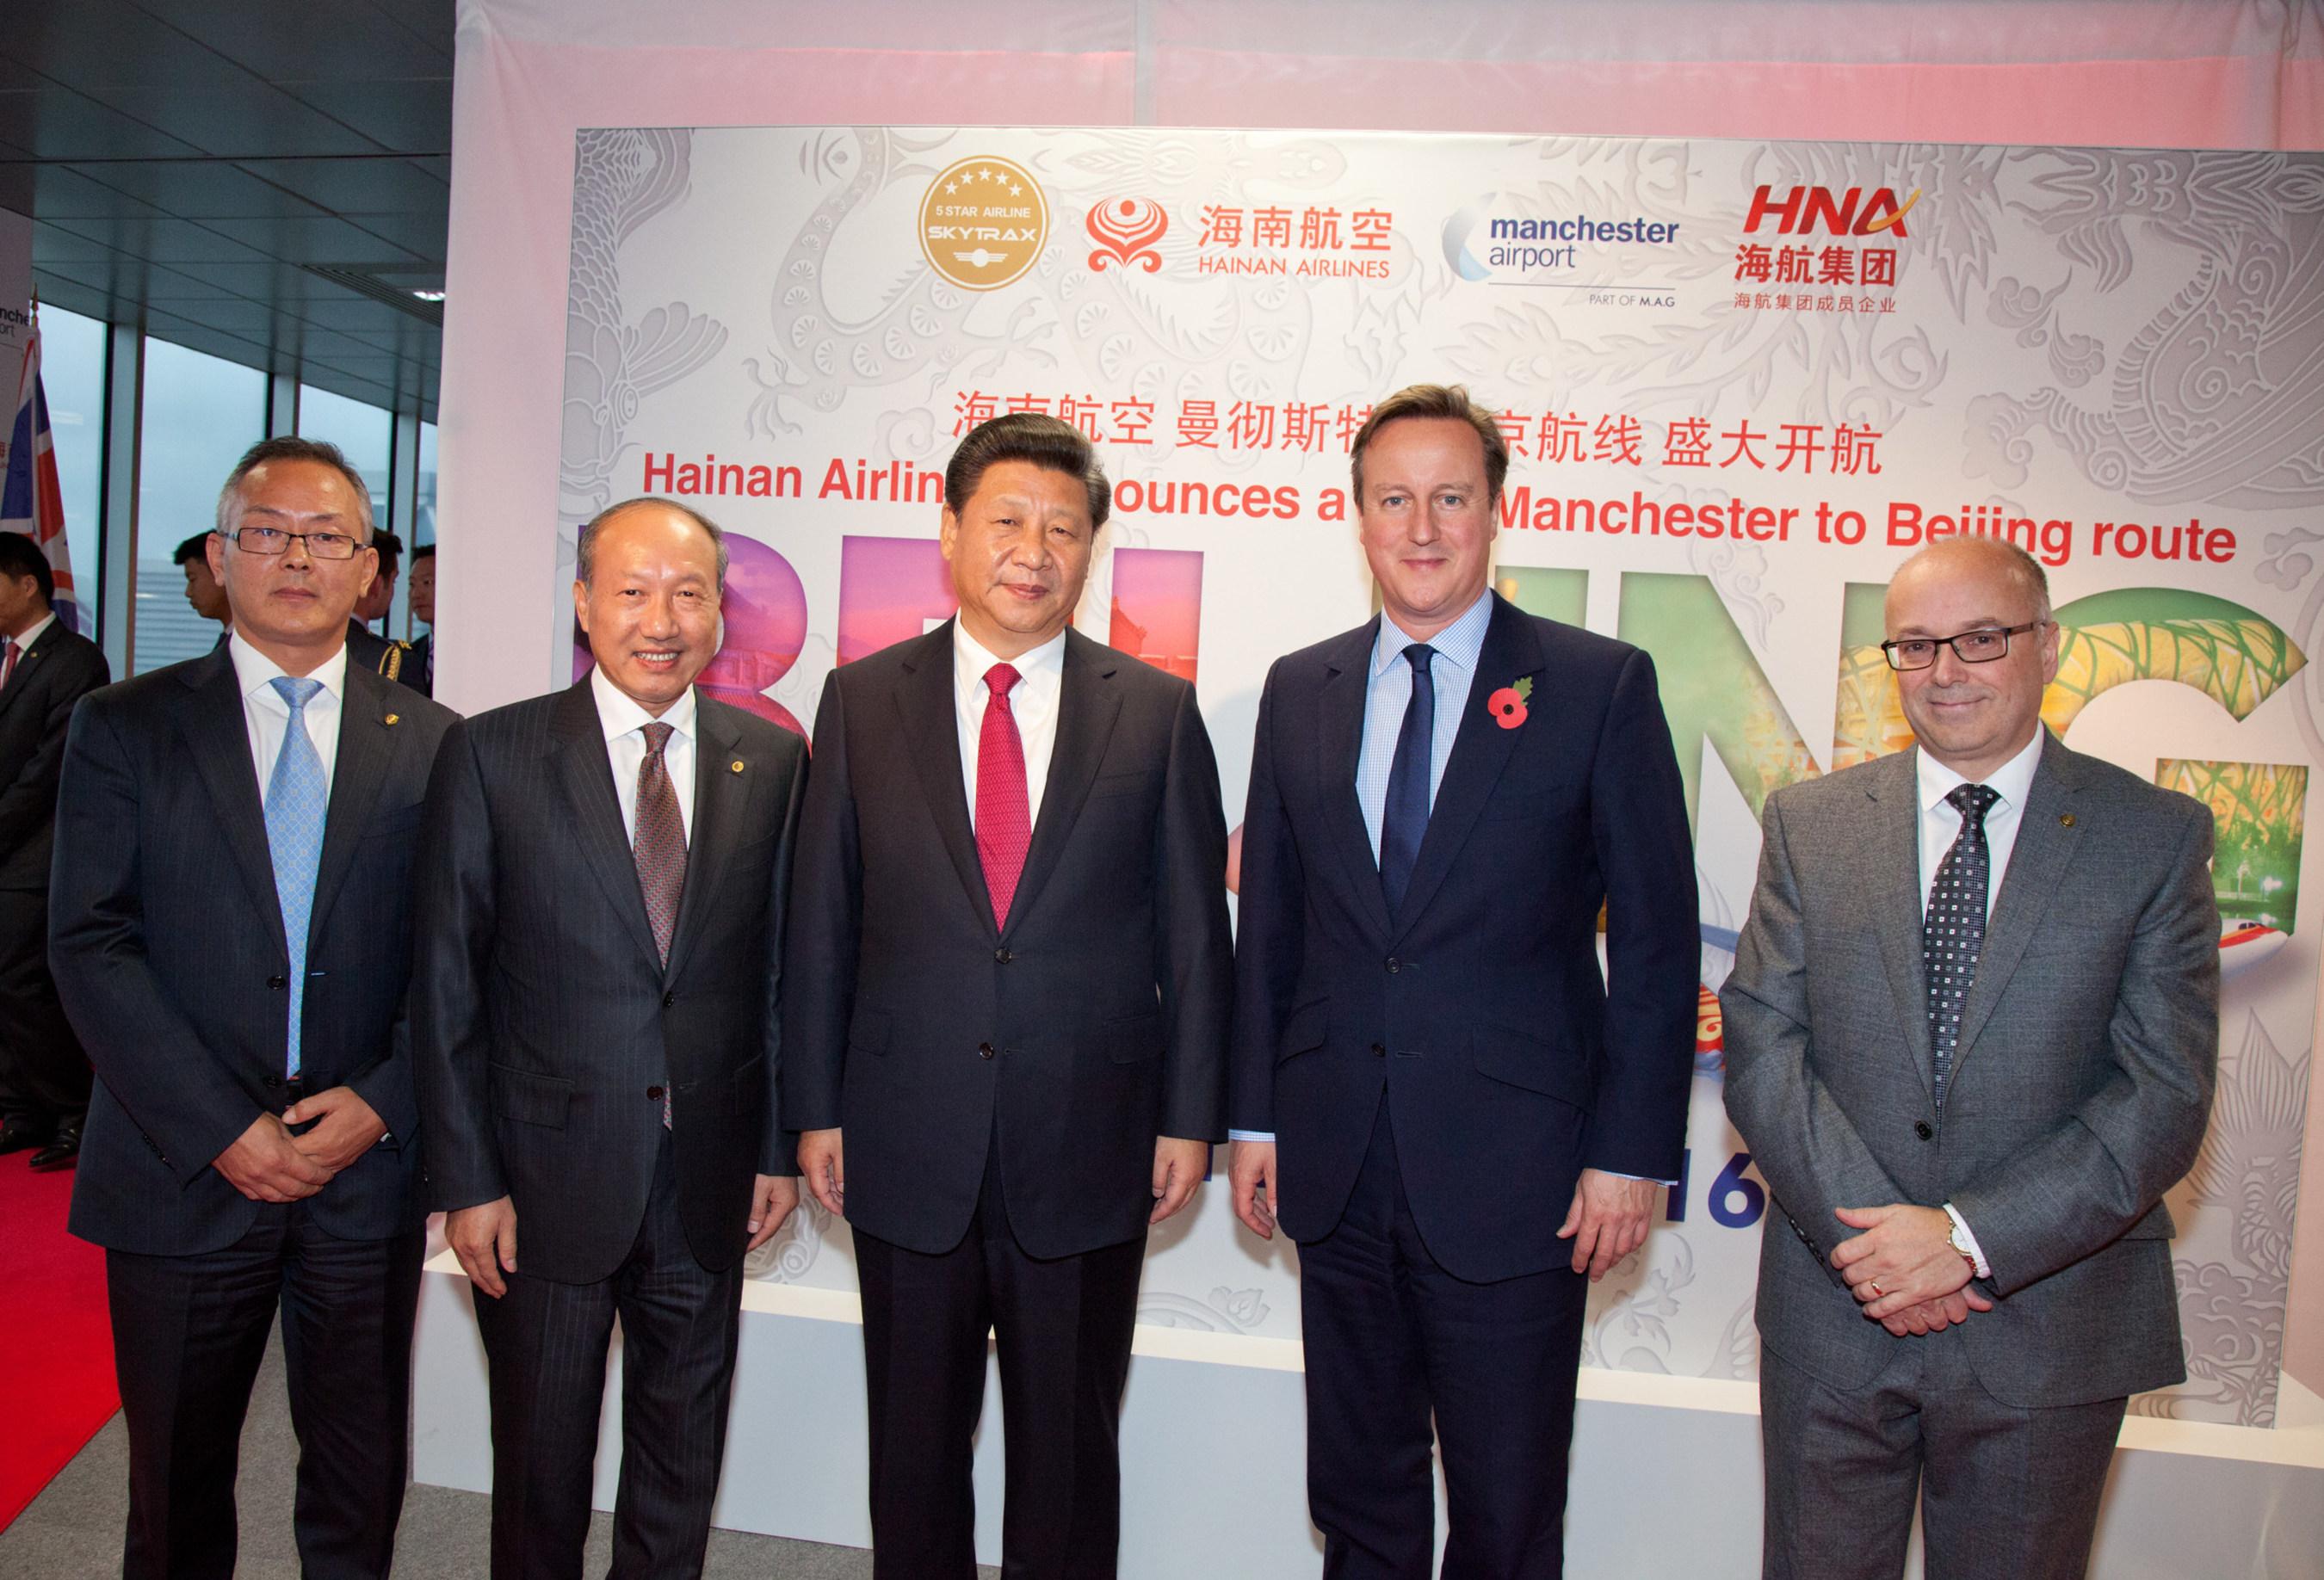 Hainan Airlines startet Strecke Beijing-Manchester im Juni nächsten Jahres